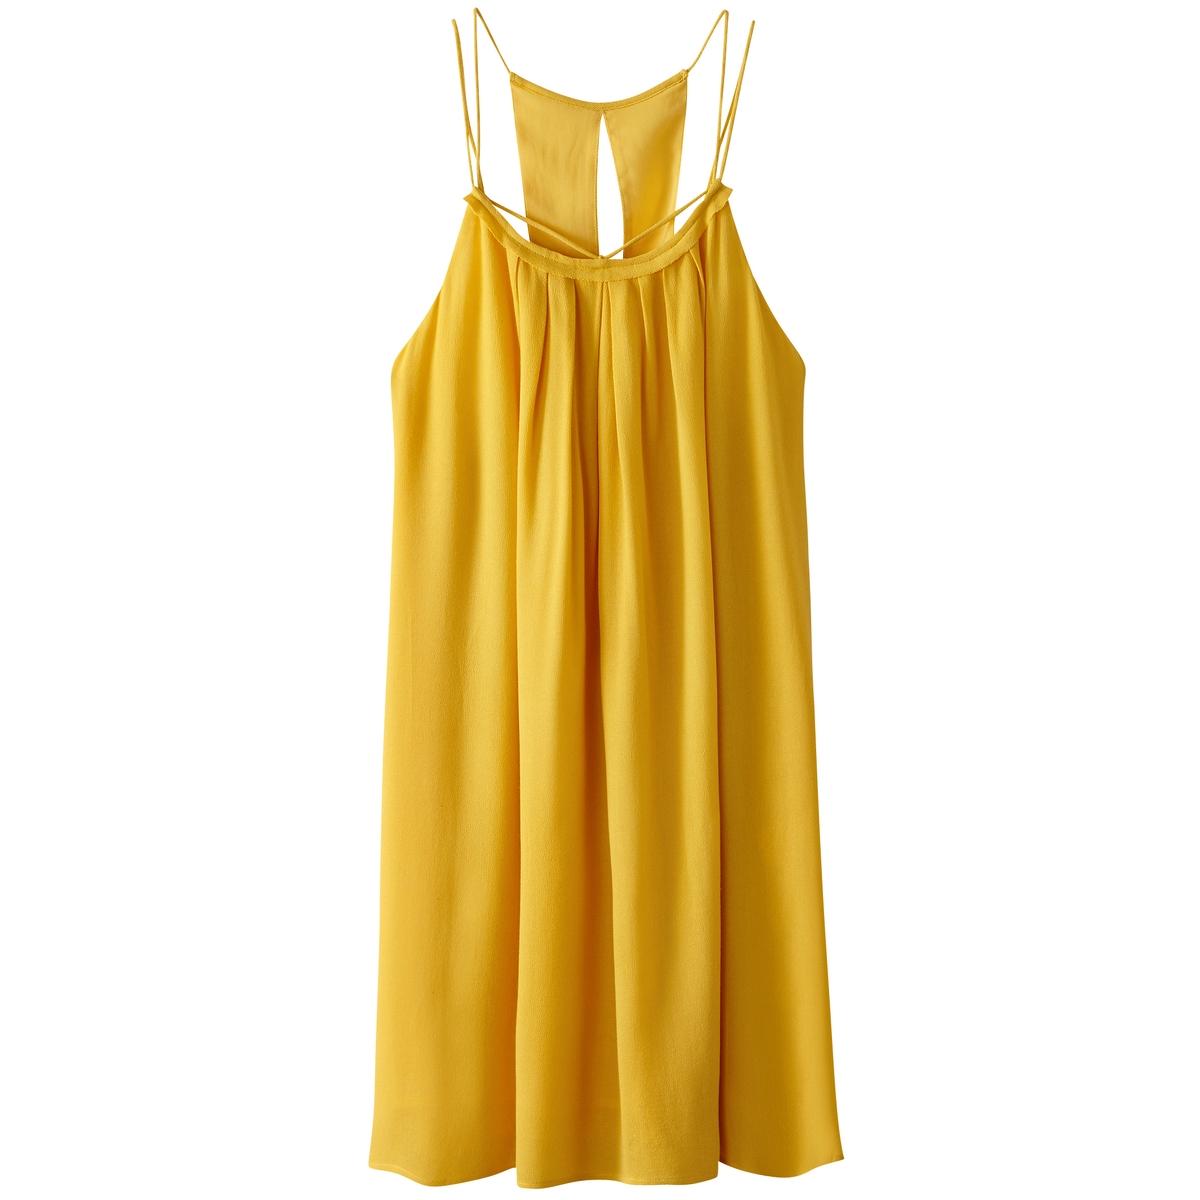 Платье короткое с тонкими бретелямиДетали  •  Форма : мини •  Укороченная модель •  Тонкие бретели    •  Круглый вырезСостав и уход  •  100% вискоза •  Подкладка: 100% полиэстер •  Следуйте рекомендациям по уходу, указанным на этикетке изделия<br><br>Цвет: желтый